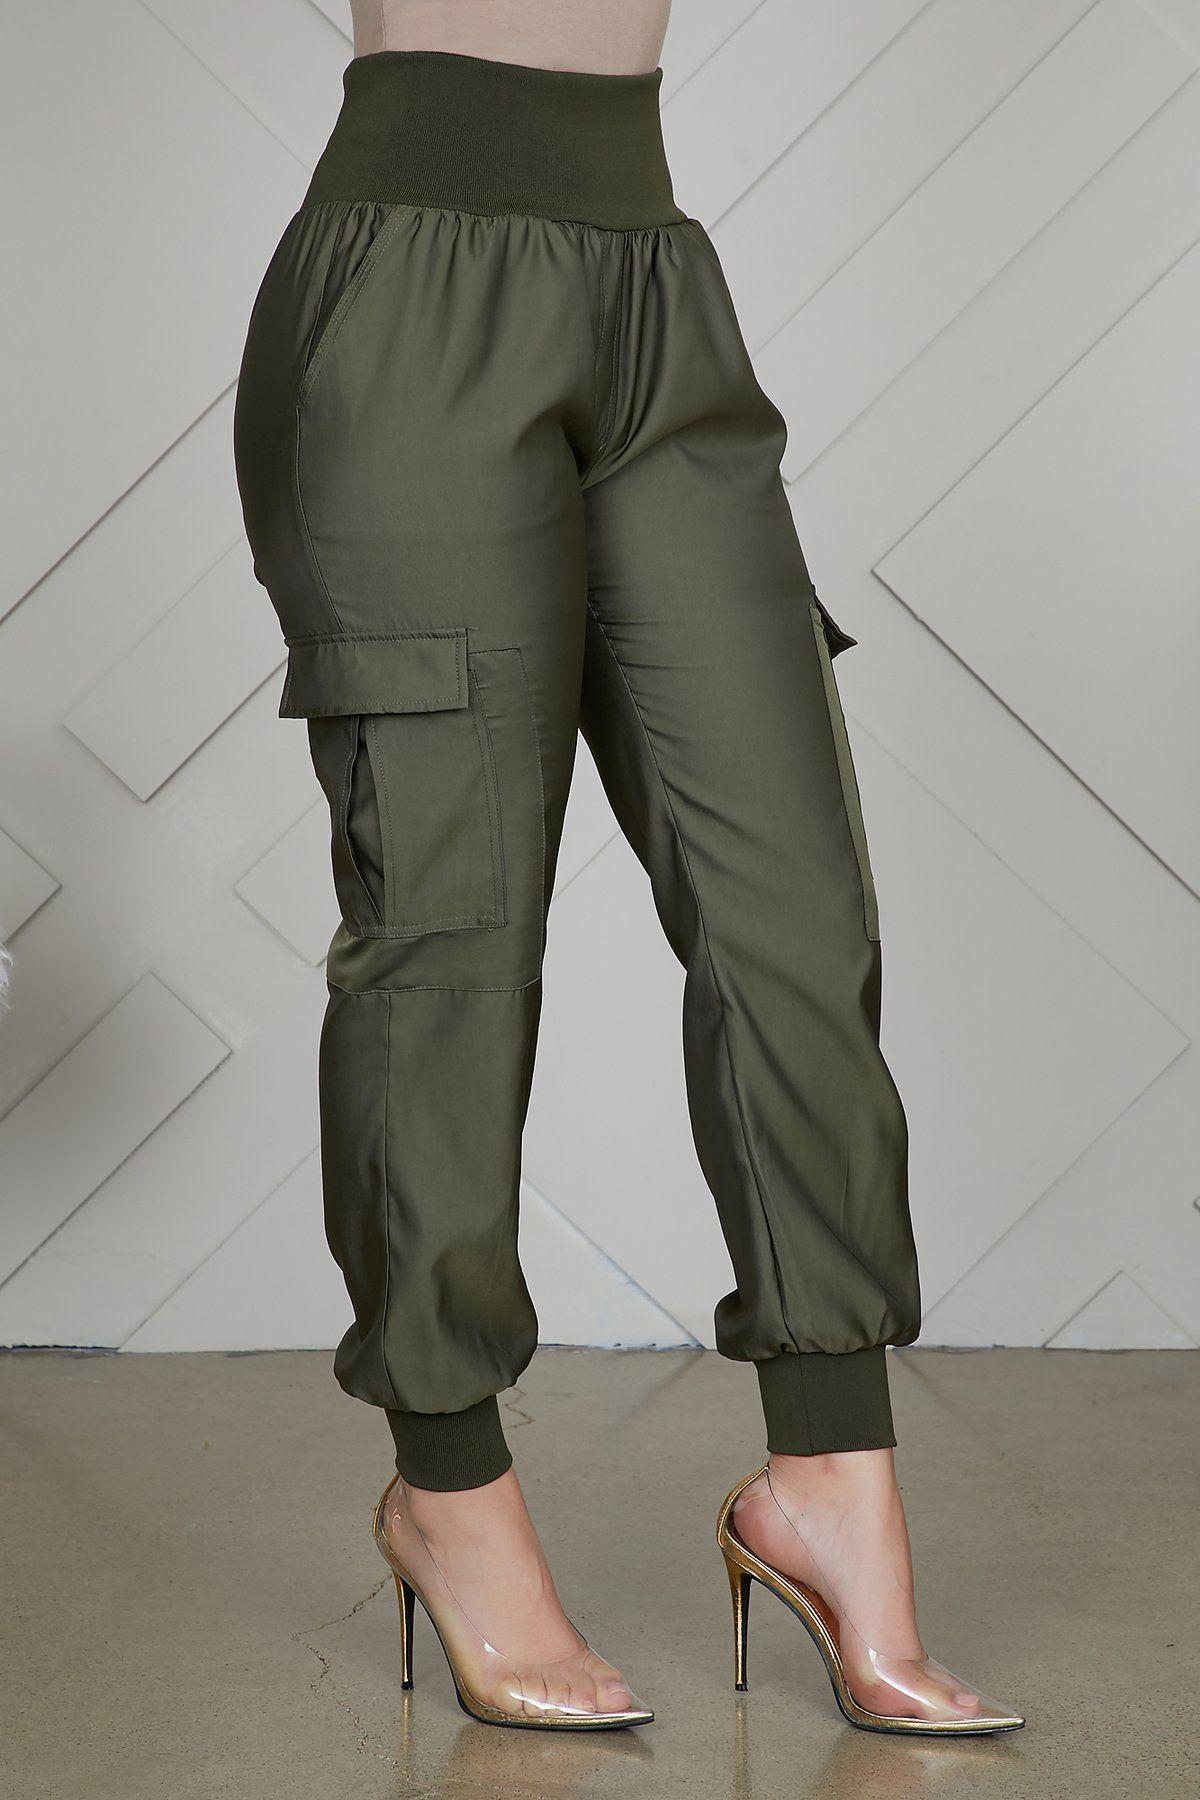 Jogger Pants (Olive) | Moda calças, Moda de roupas, Calças ...